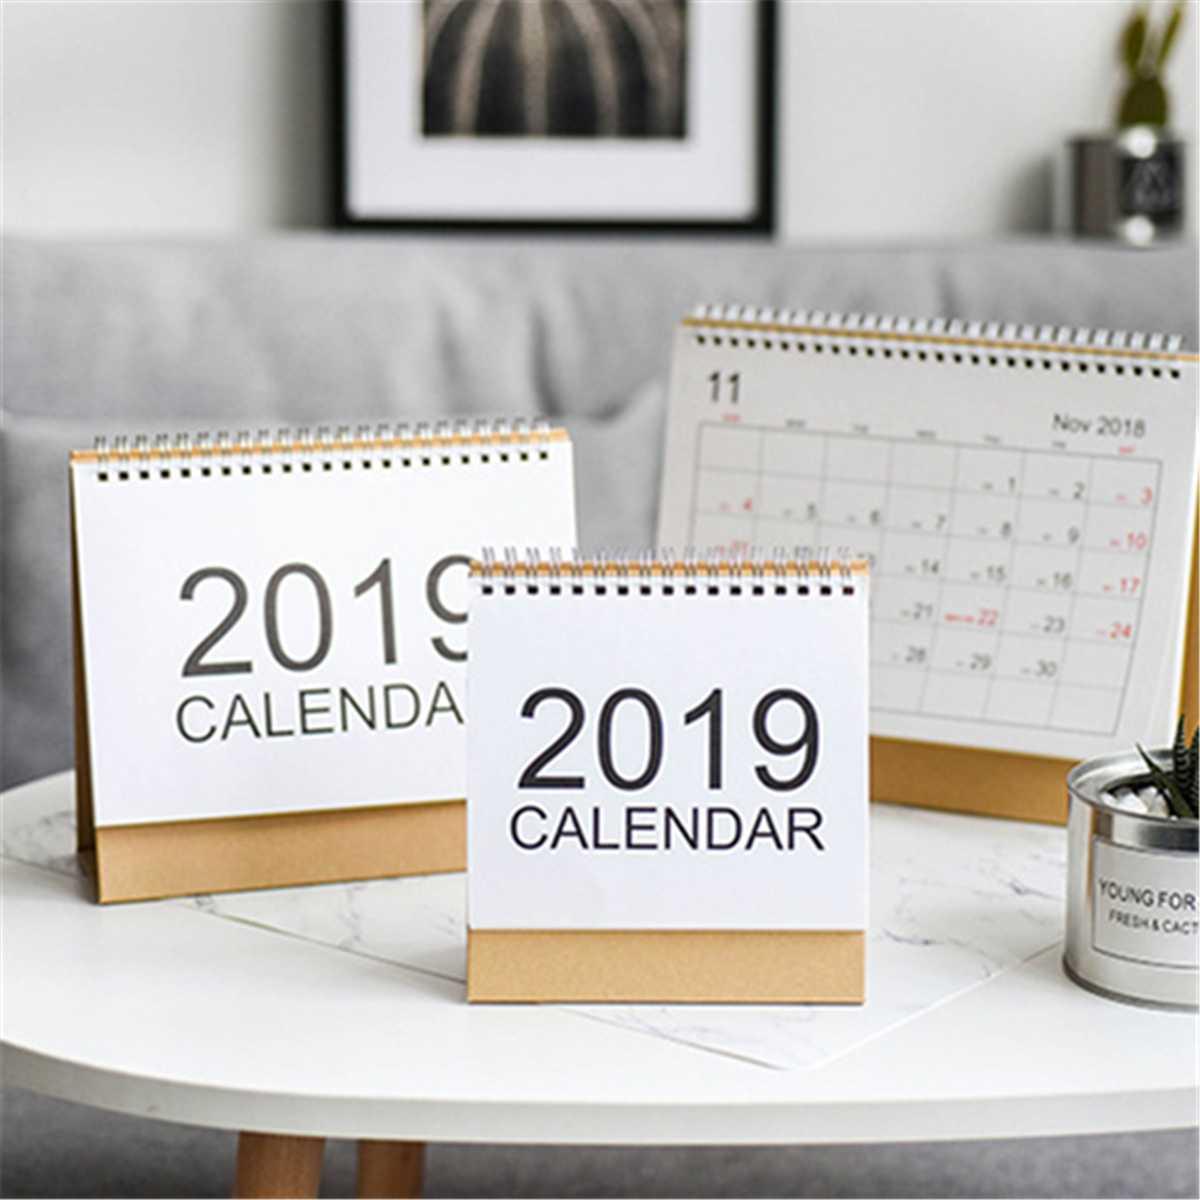 2019 Neuestes Design 2018-2019 Kalender Schreibtisch Desktop Büro Plan Flip Stand Tisch Planer Scheduler Büro Zu Hause Neue Jahr Weihnachten Geschenke S /m/l Größen Billigverkauf 50% Kalender